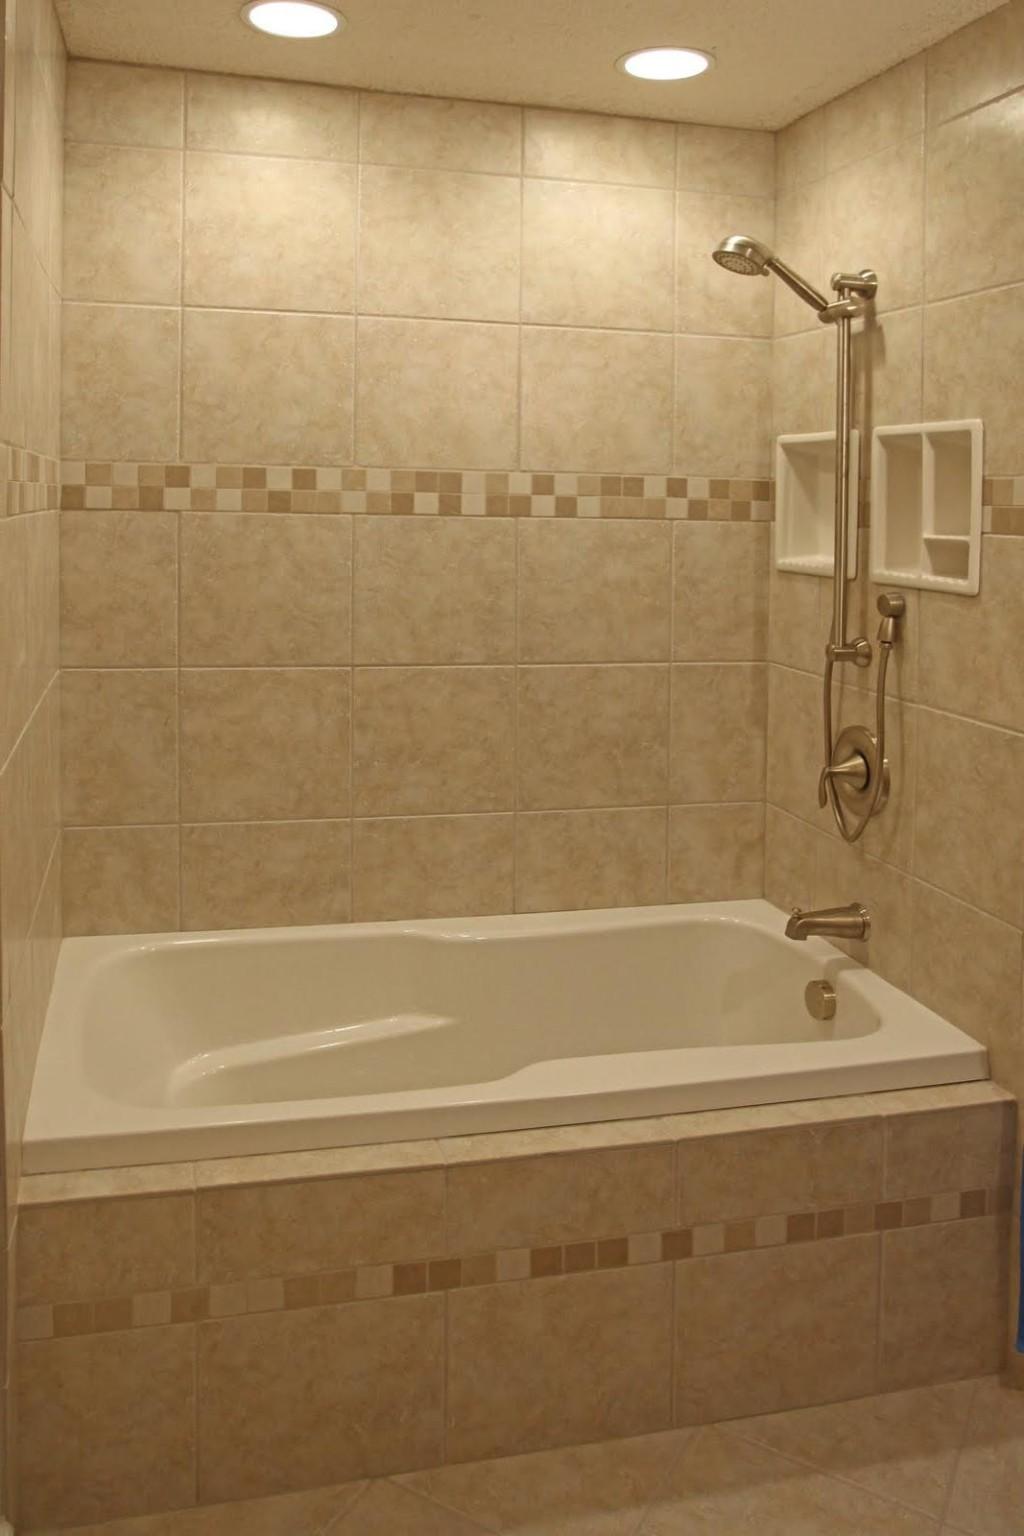 bathroom wall tile 12x12 2021